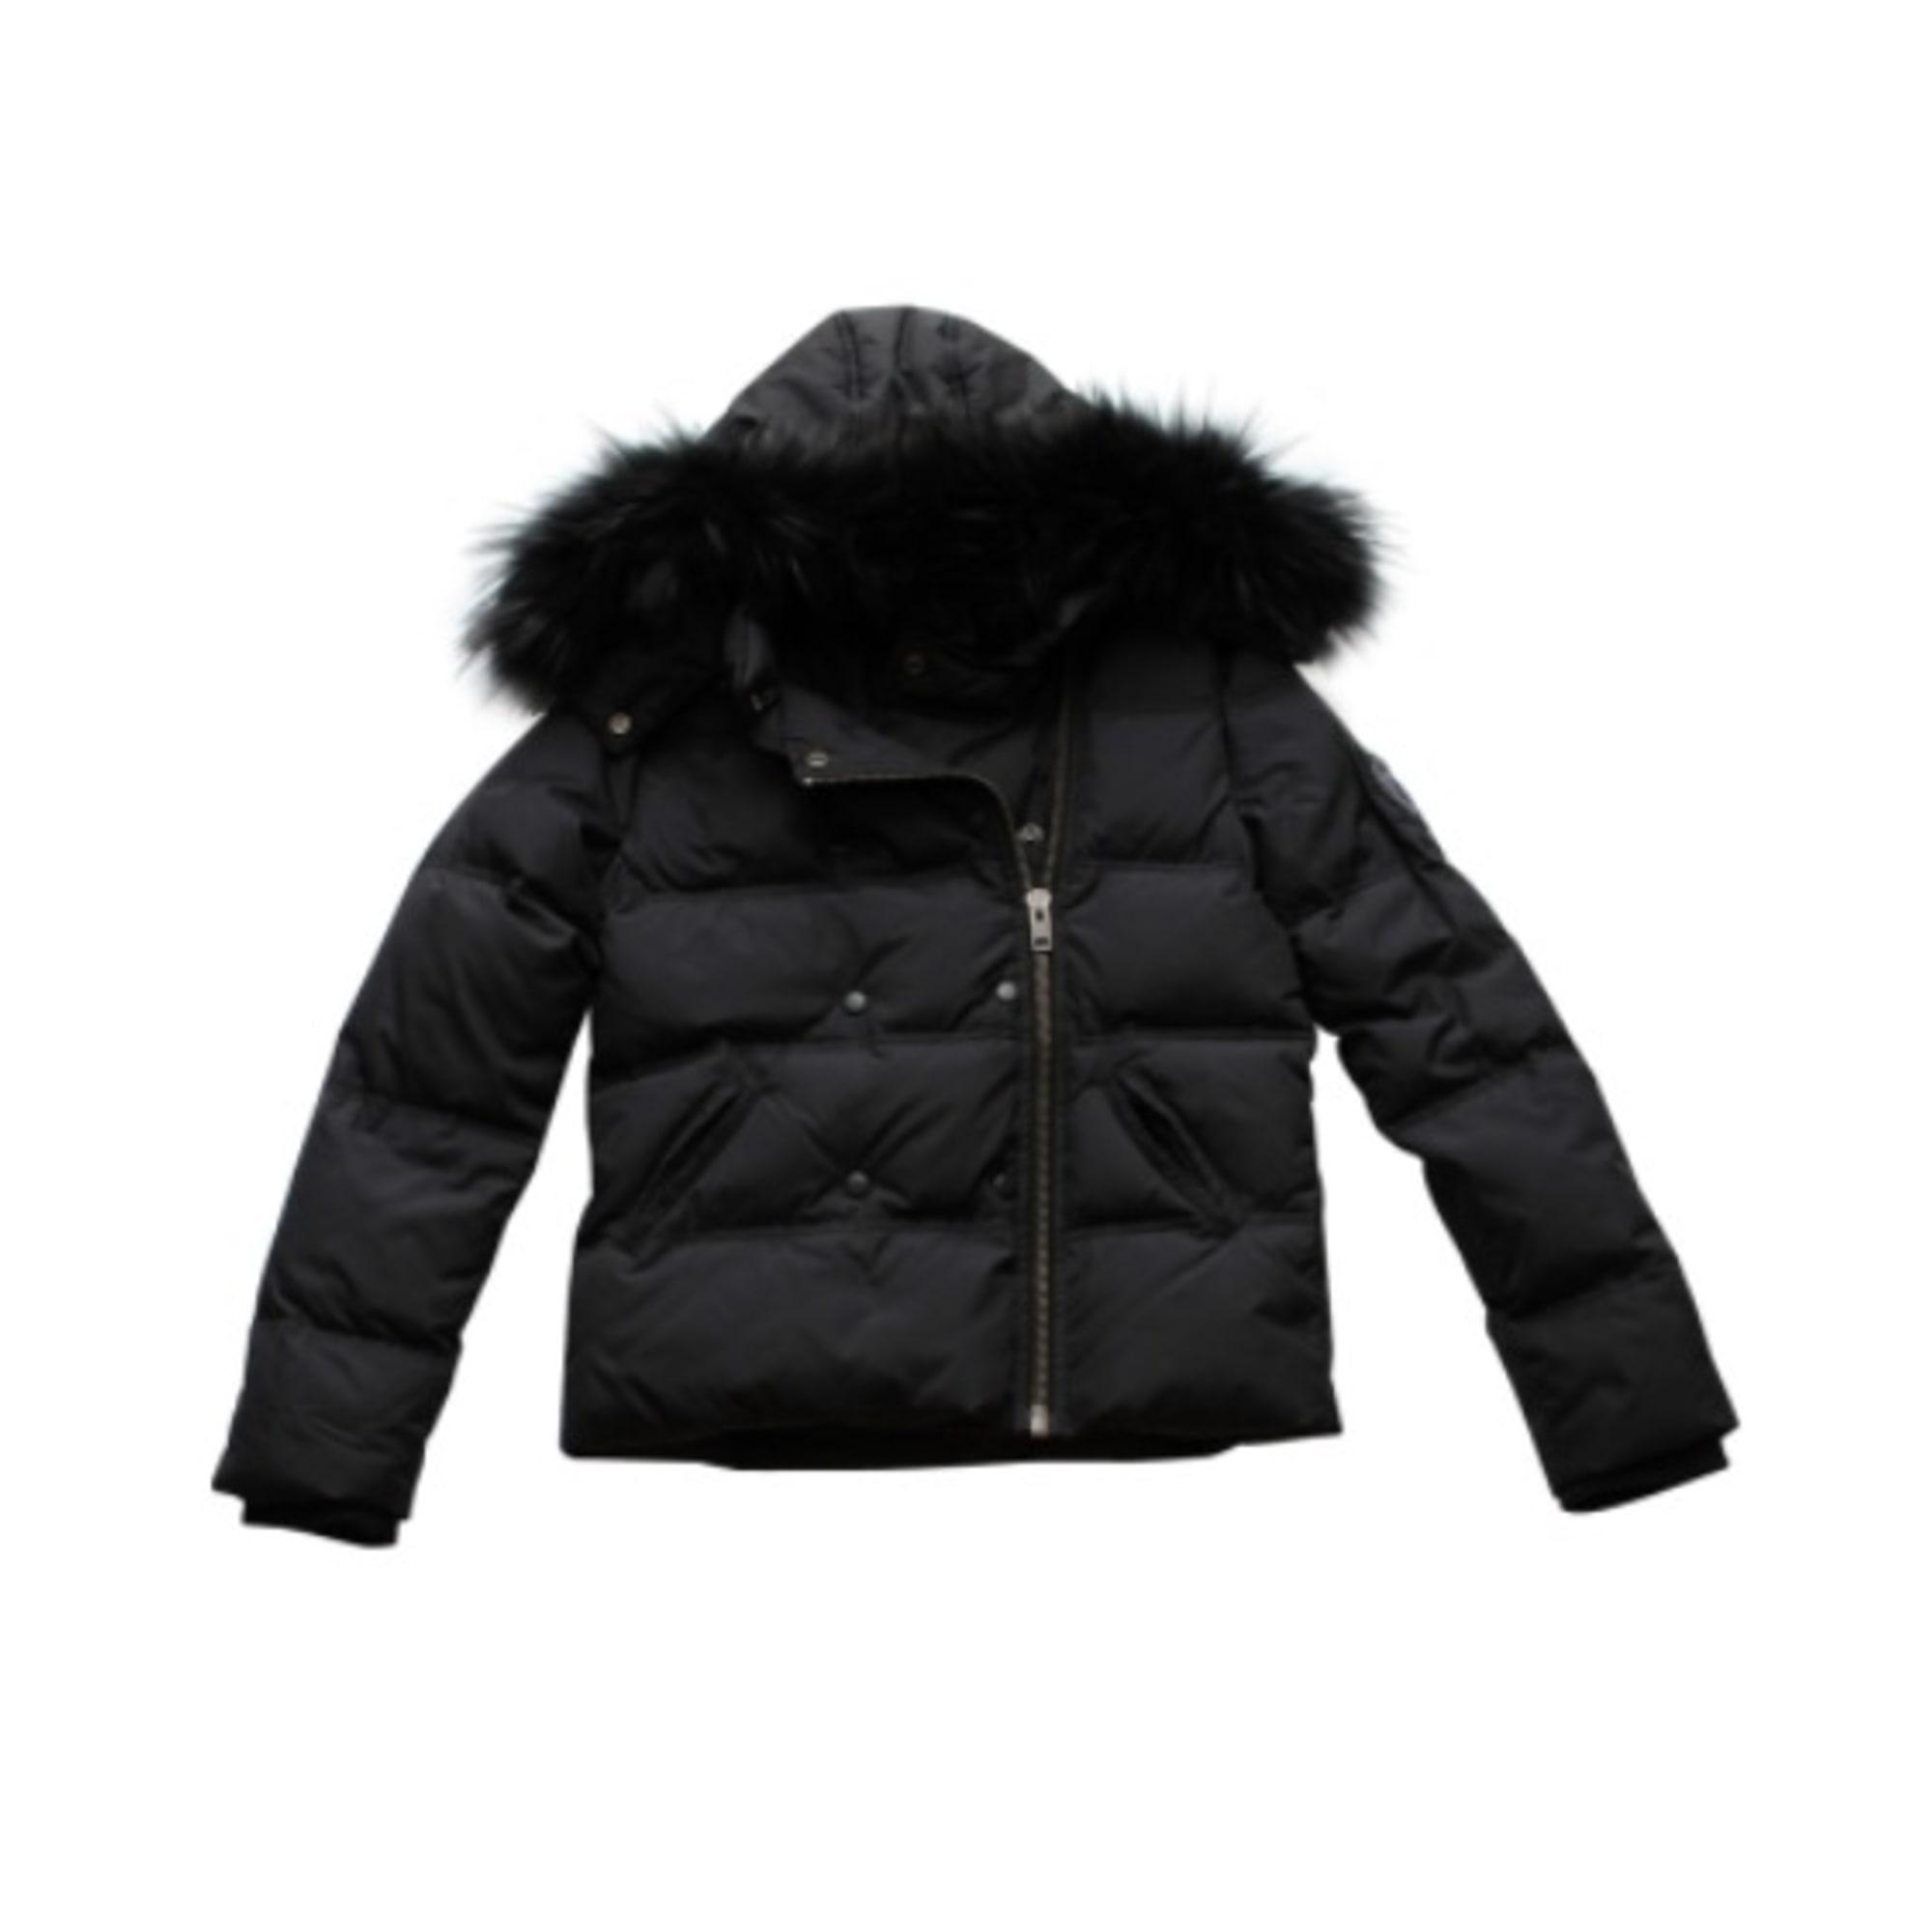 ed853249709e92 Doudoune BEL AIR 36 (S, T1) noir vendu par Shopname535104 - 1862957